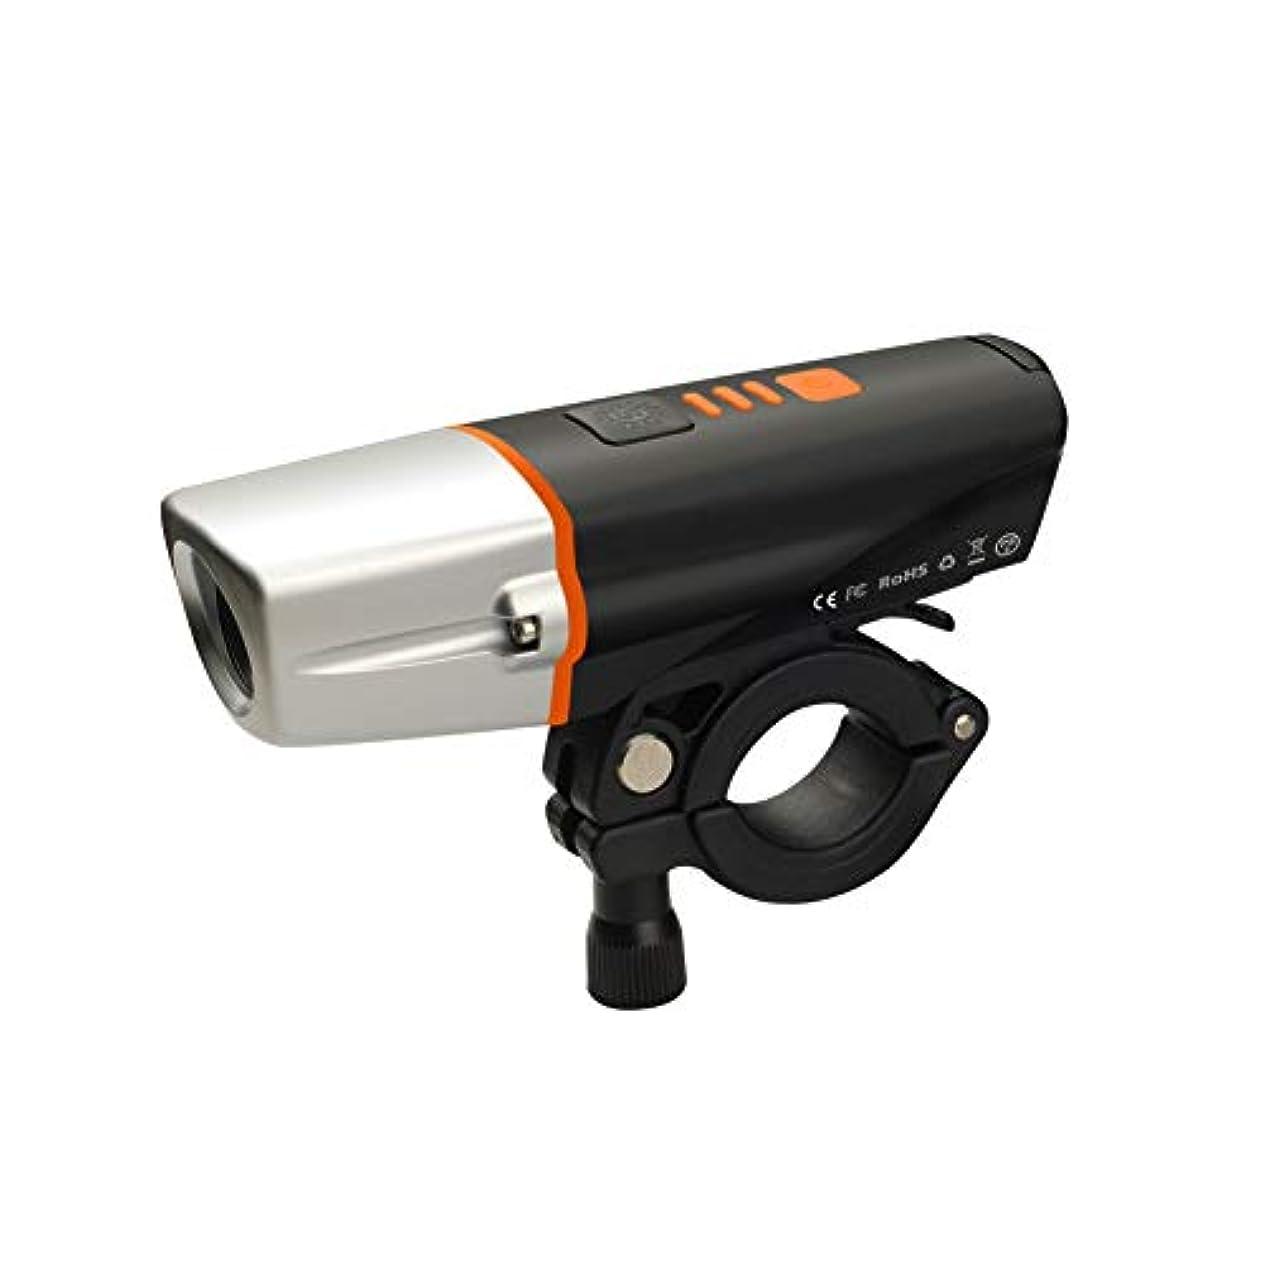 イサカスポーツの試合を担当している人ストリップTofern 自転車ヘッドライト 自転車ライト usb充電式 自動点灯 光センサー搭載 400ルーメン IP65防水 簡単取り付け 軽量 6モード搭載